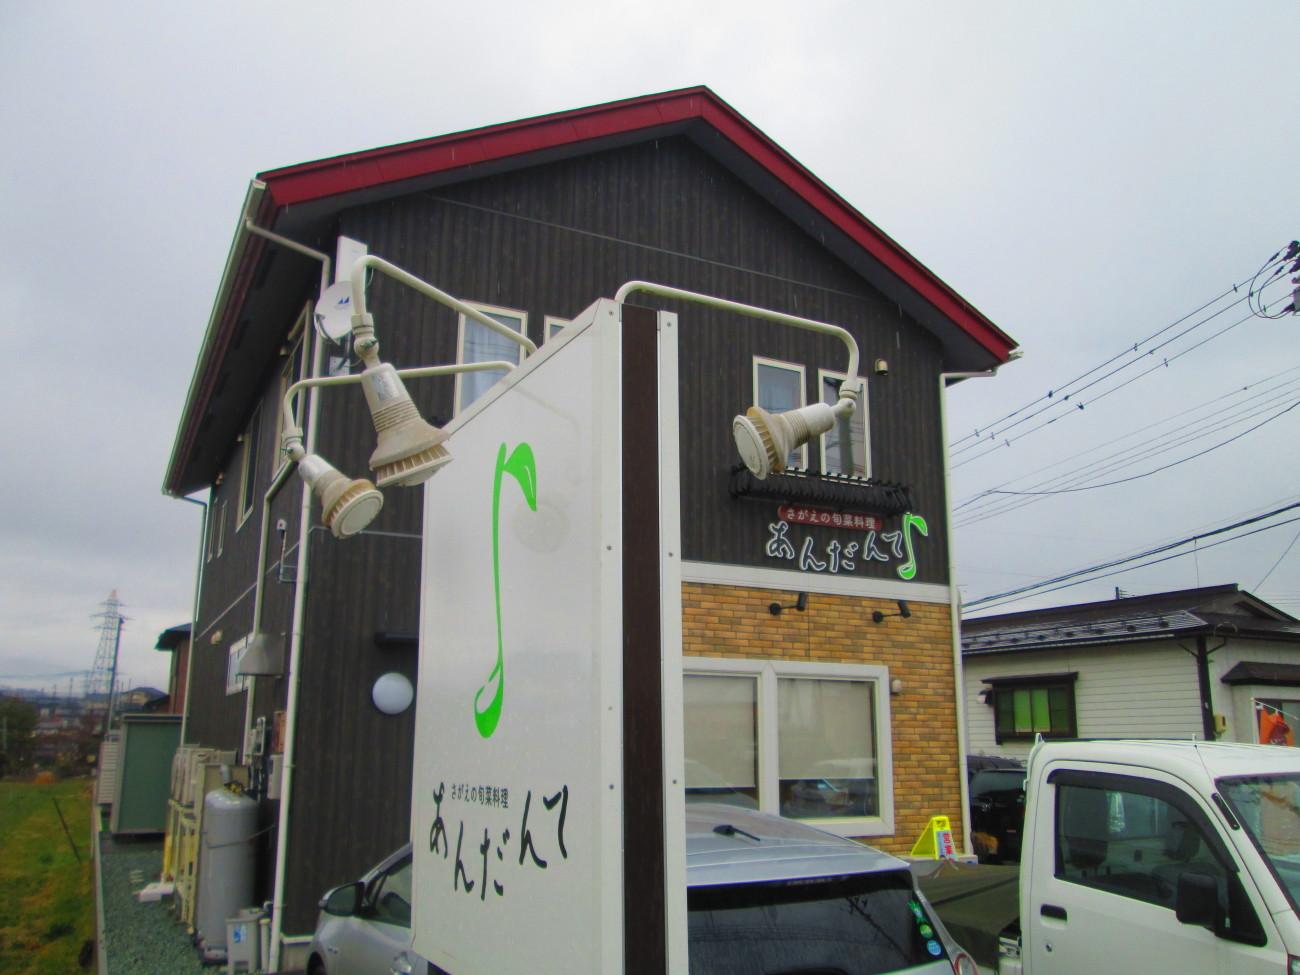 昨日、寒河江市にあるレストラン「あんだんて」で、コンサートすることが決まりました_d0159273_14110517.jpg